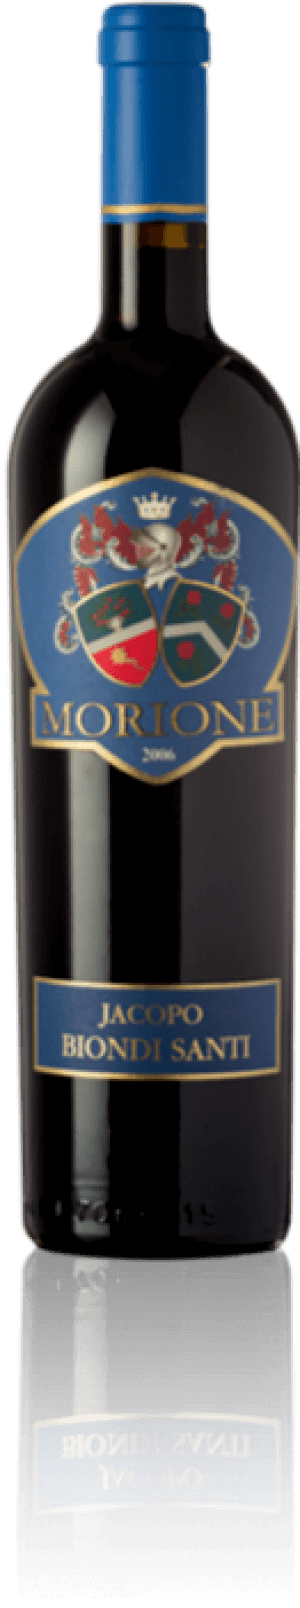 Morione IGT Toscana Rosso 2008